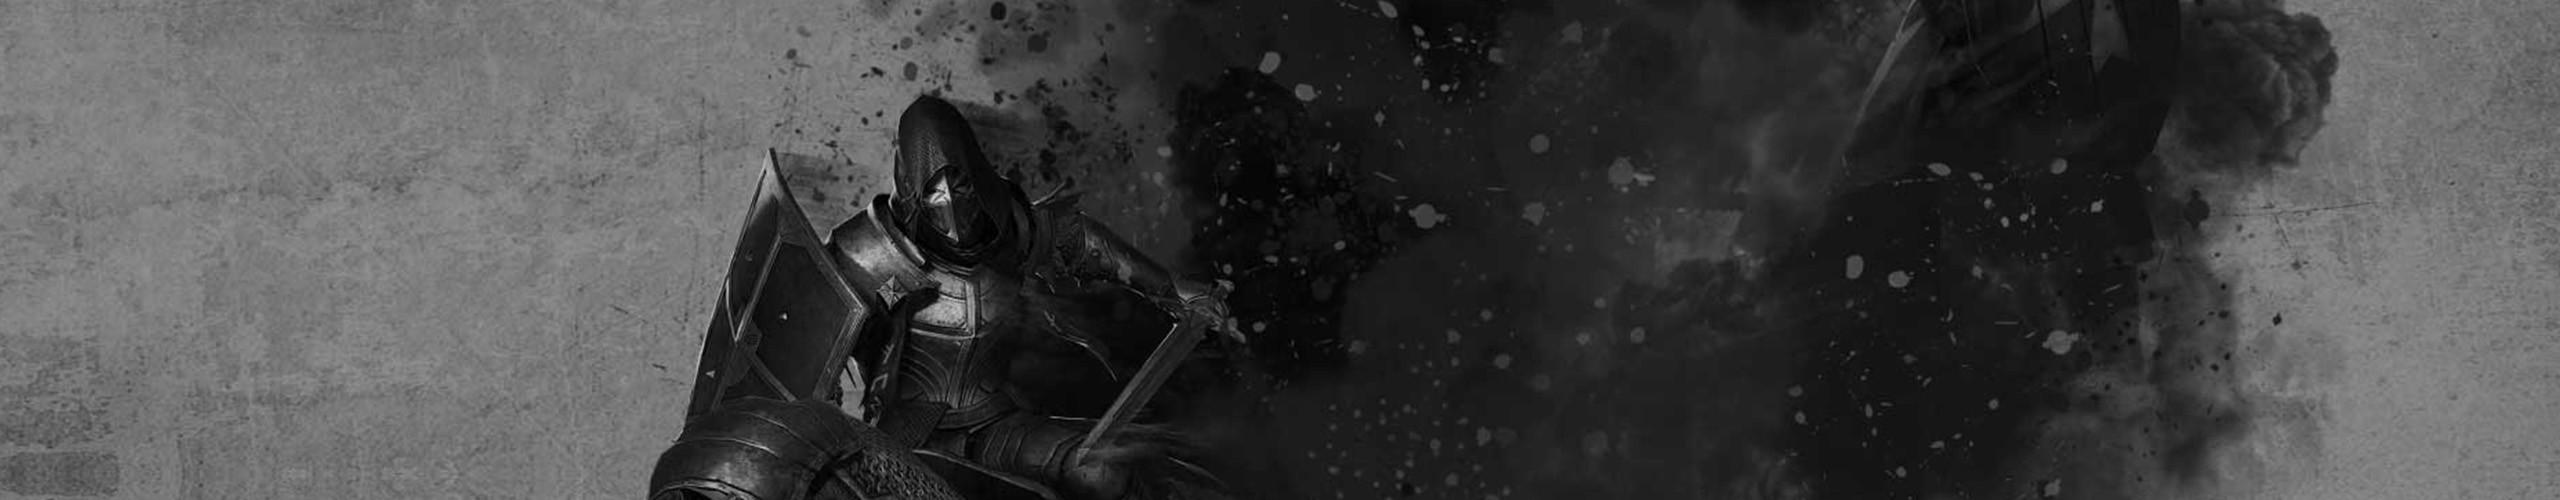 Conqueror's Blade (B2P)